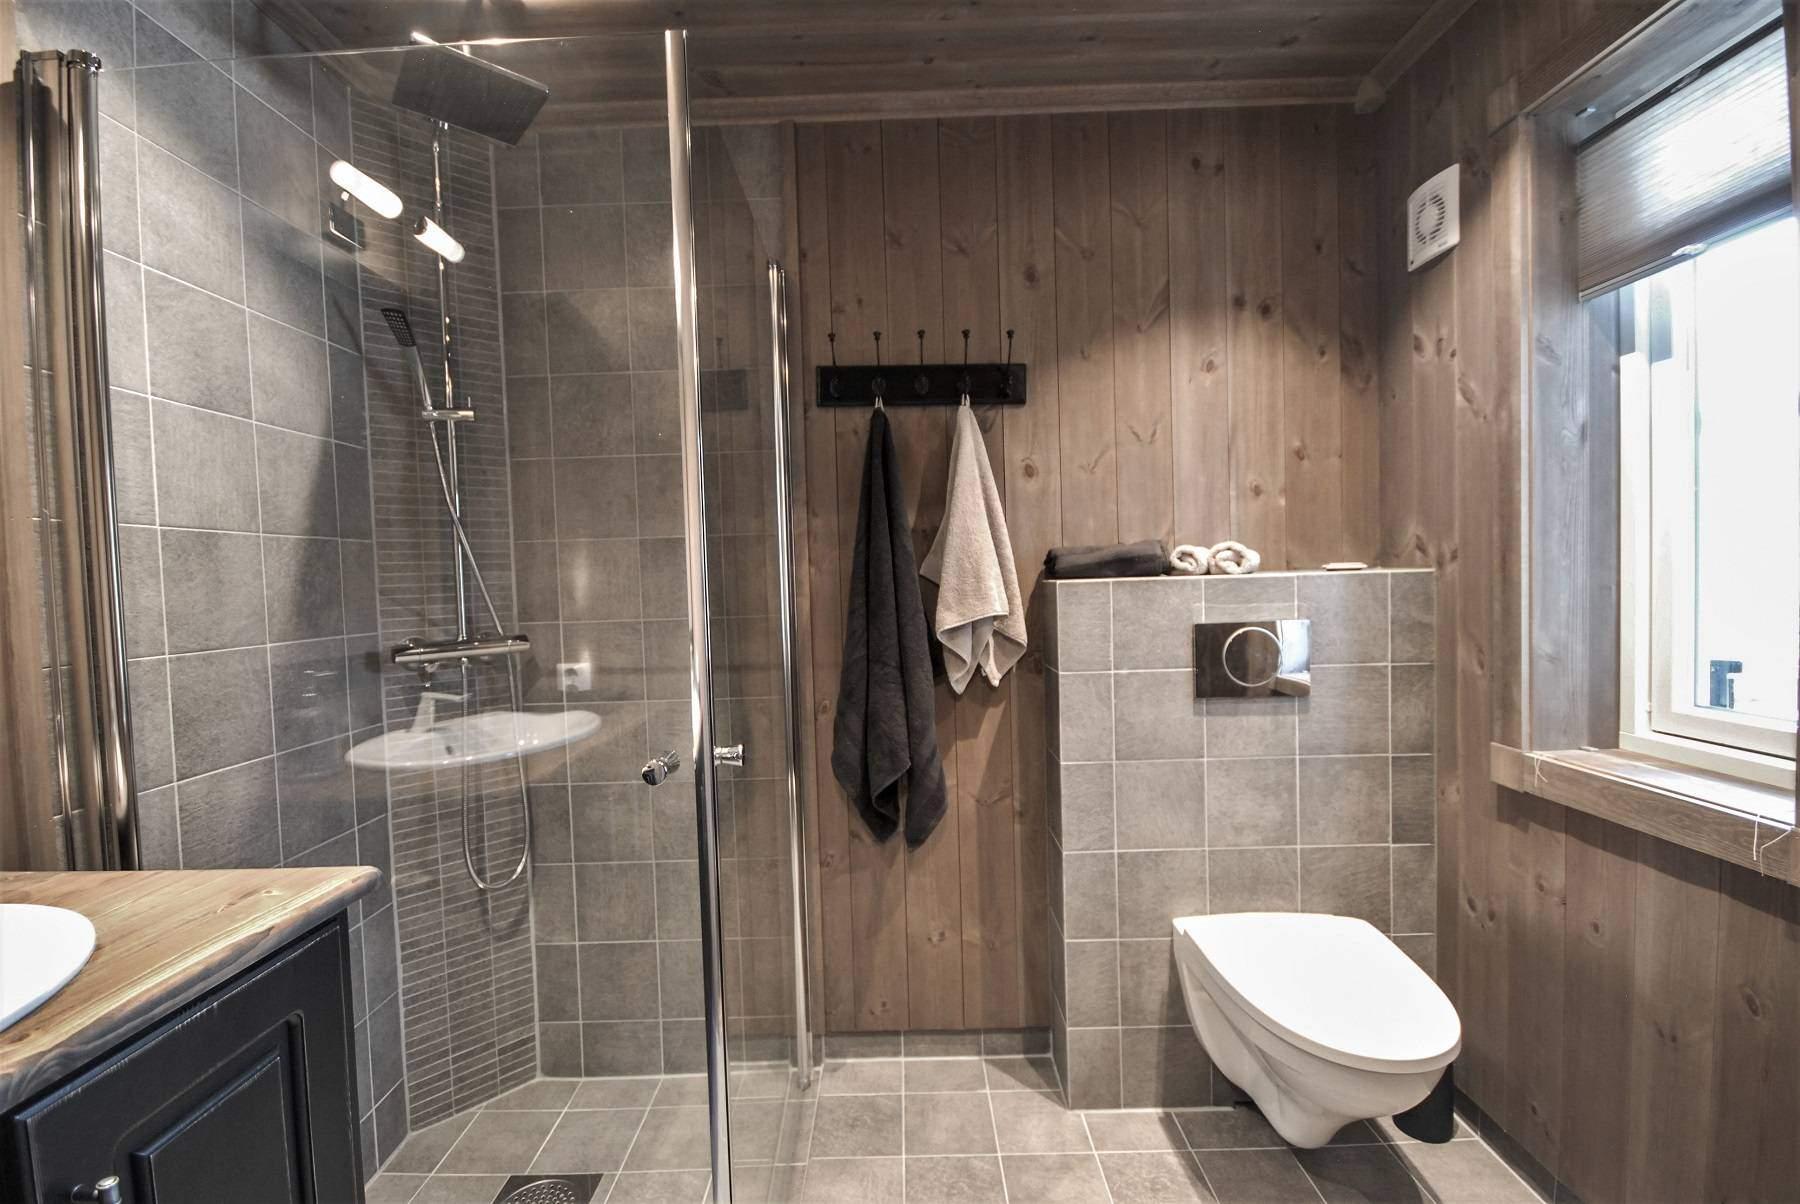 432 Hytteinteriør Hytteinspirasjon Storjuvtinden 114 på Nesbyen. Bad og vaskerom ved entrén og garderoberommet